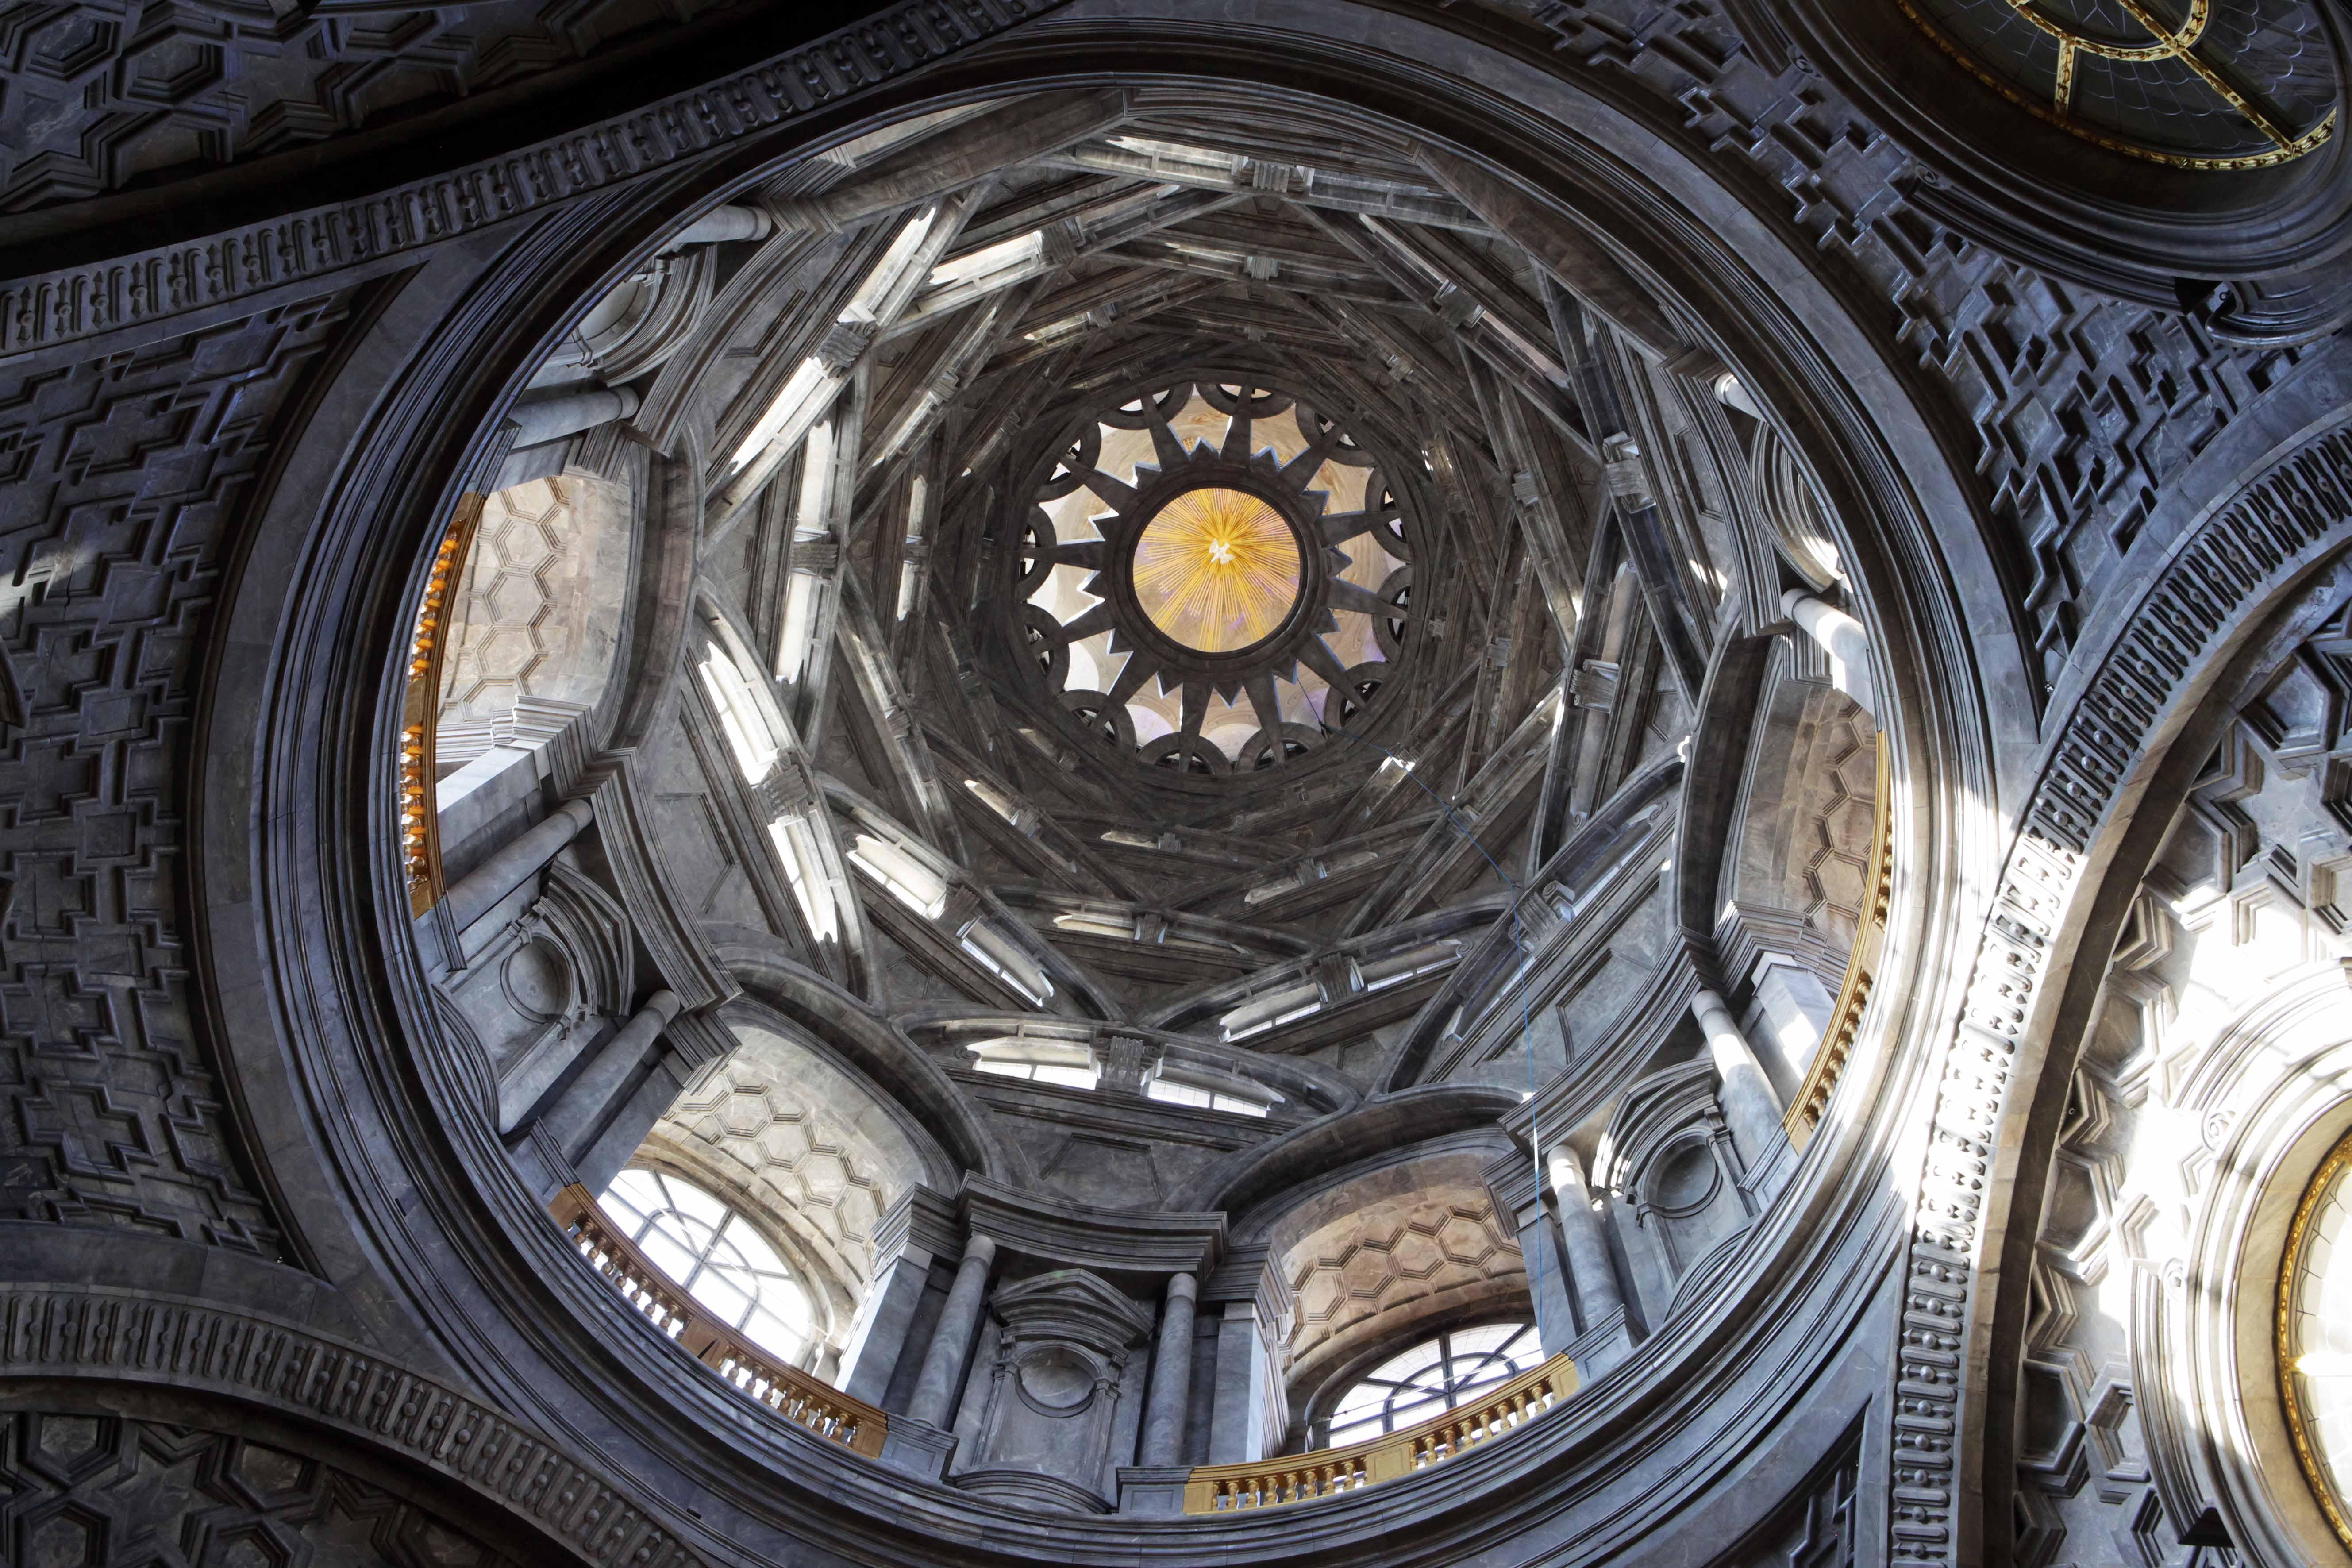 Visita l'Appartamento della regina Maria Teresa, la Tribuna Reale, la Sacrestia e la Cappella della Sindone